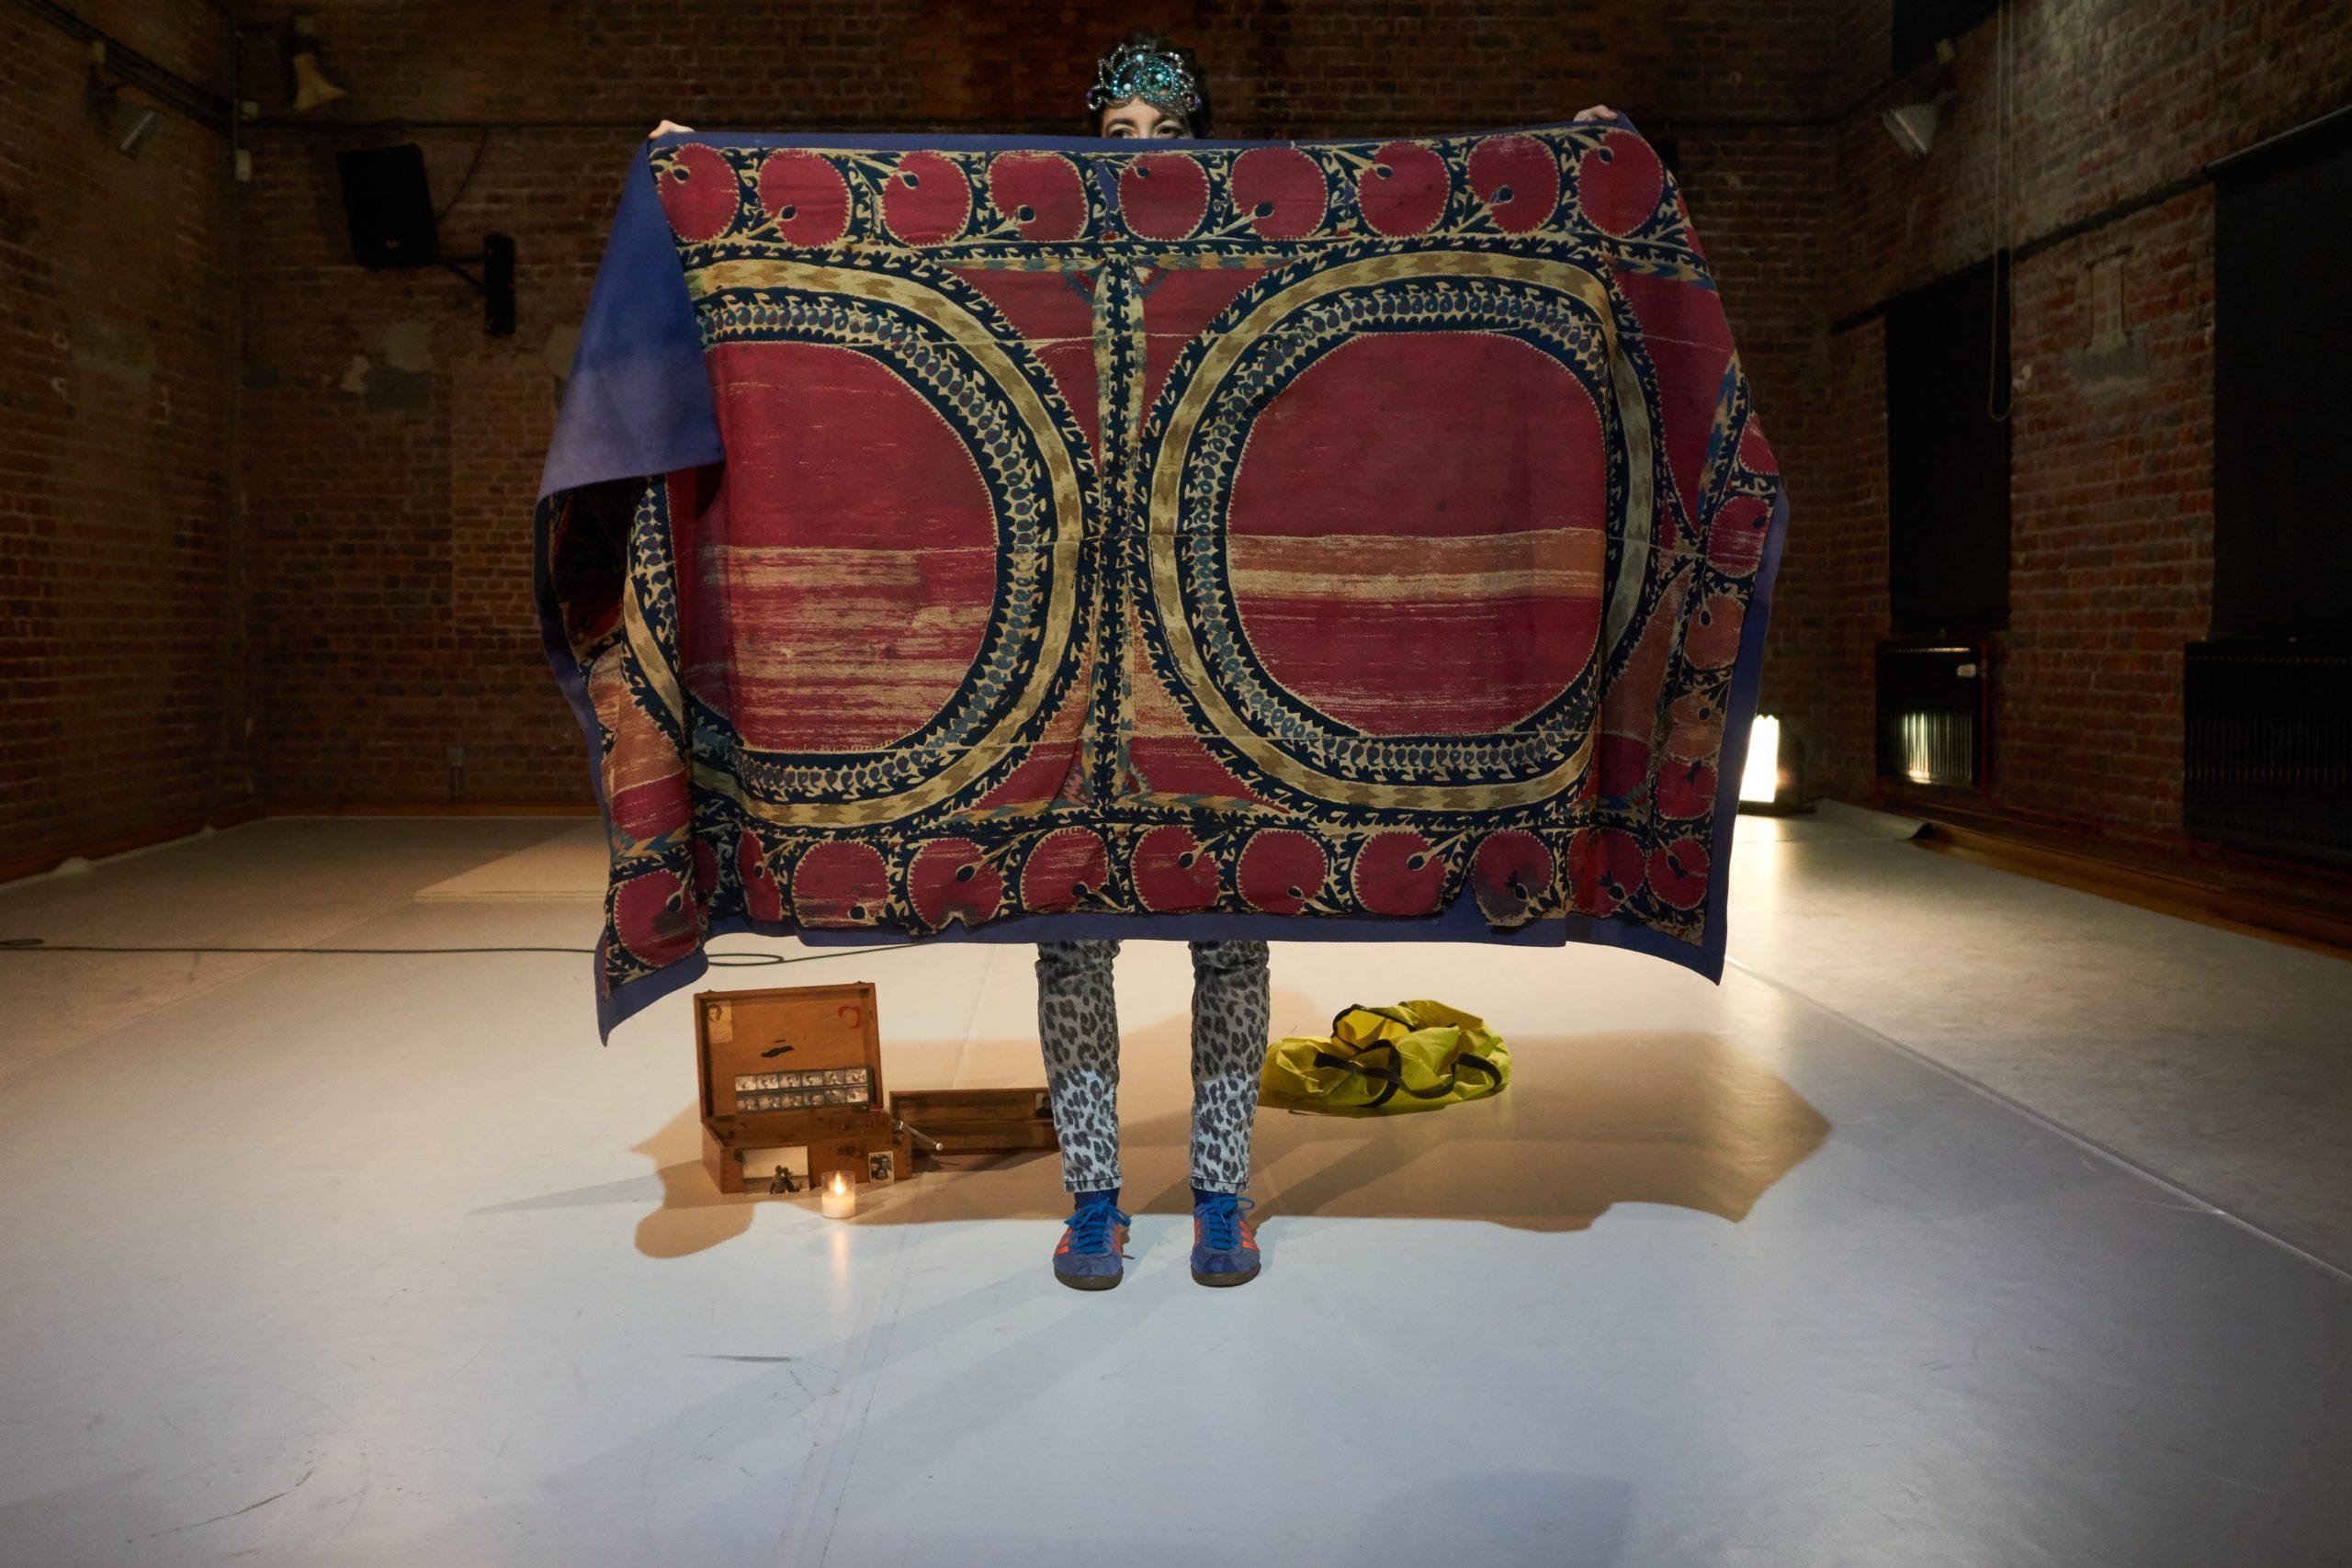 Lara Barsacq dans Lost in Ballets russes, mise en scène Lara Barsacq, création à Charleroi danse - La Raffinerie (Bruxelles), avril 2018. Photo Diego Andrès Moscoso